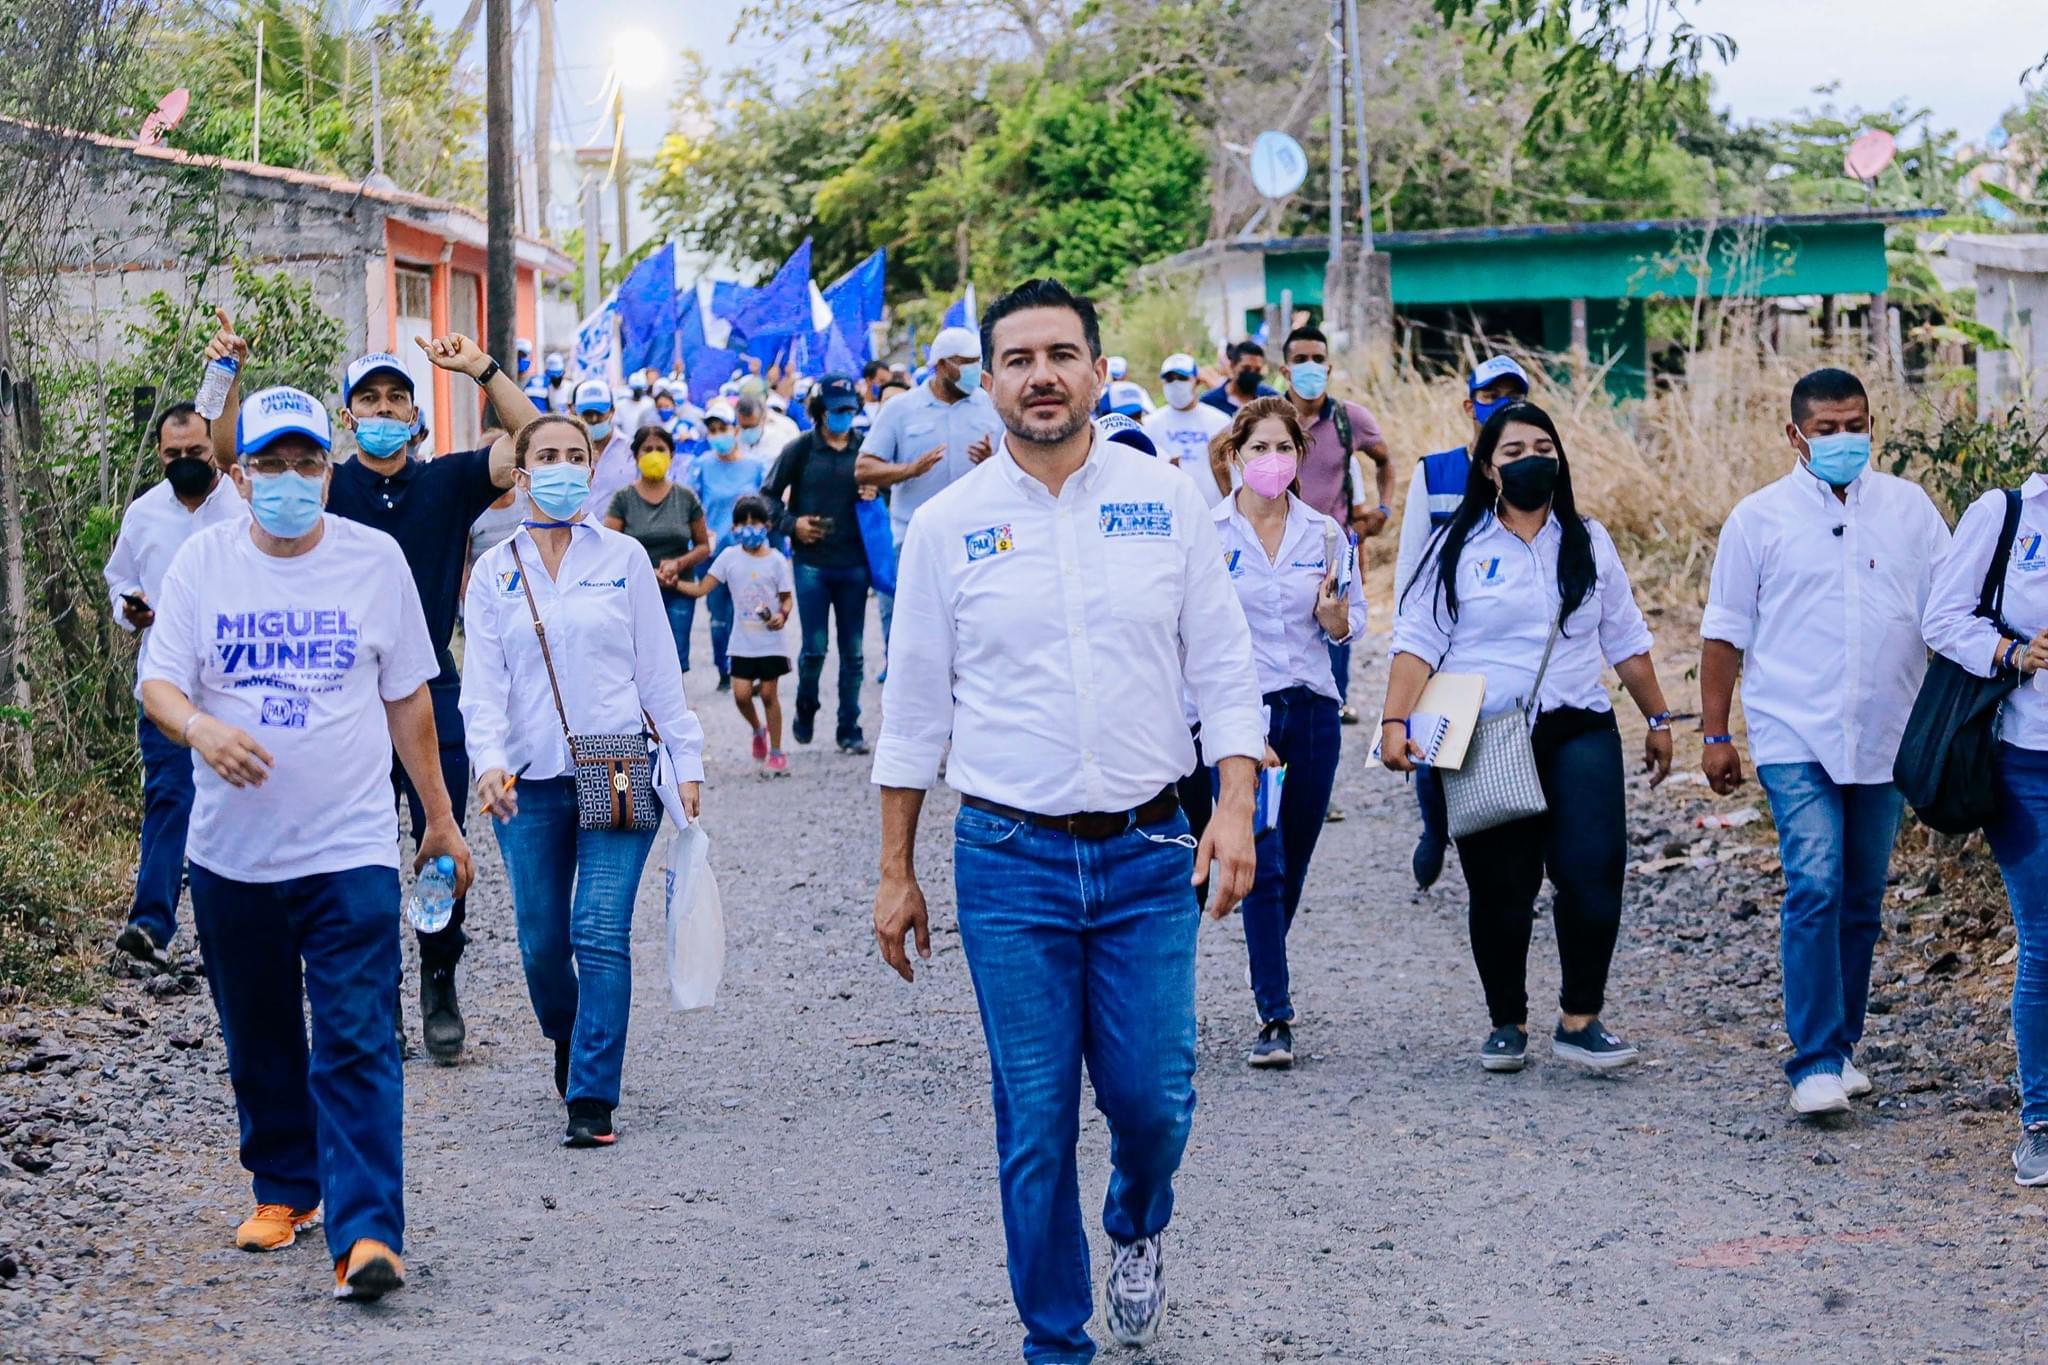 El TEPFJ le niega la candidatura a la alcaldía de Veracruz a Yunes Márquez